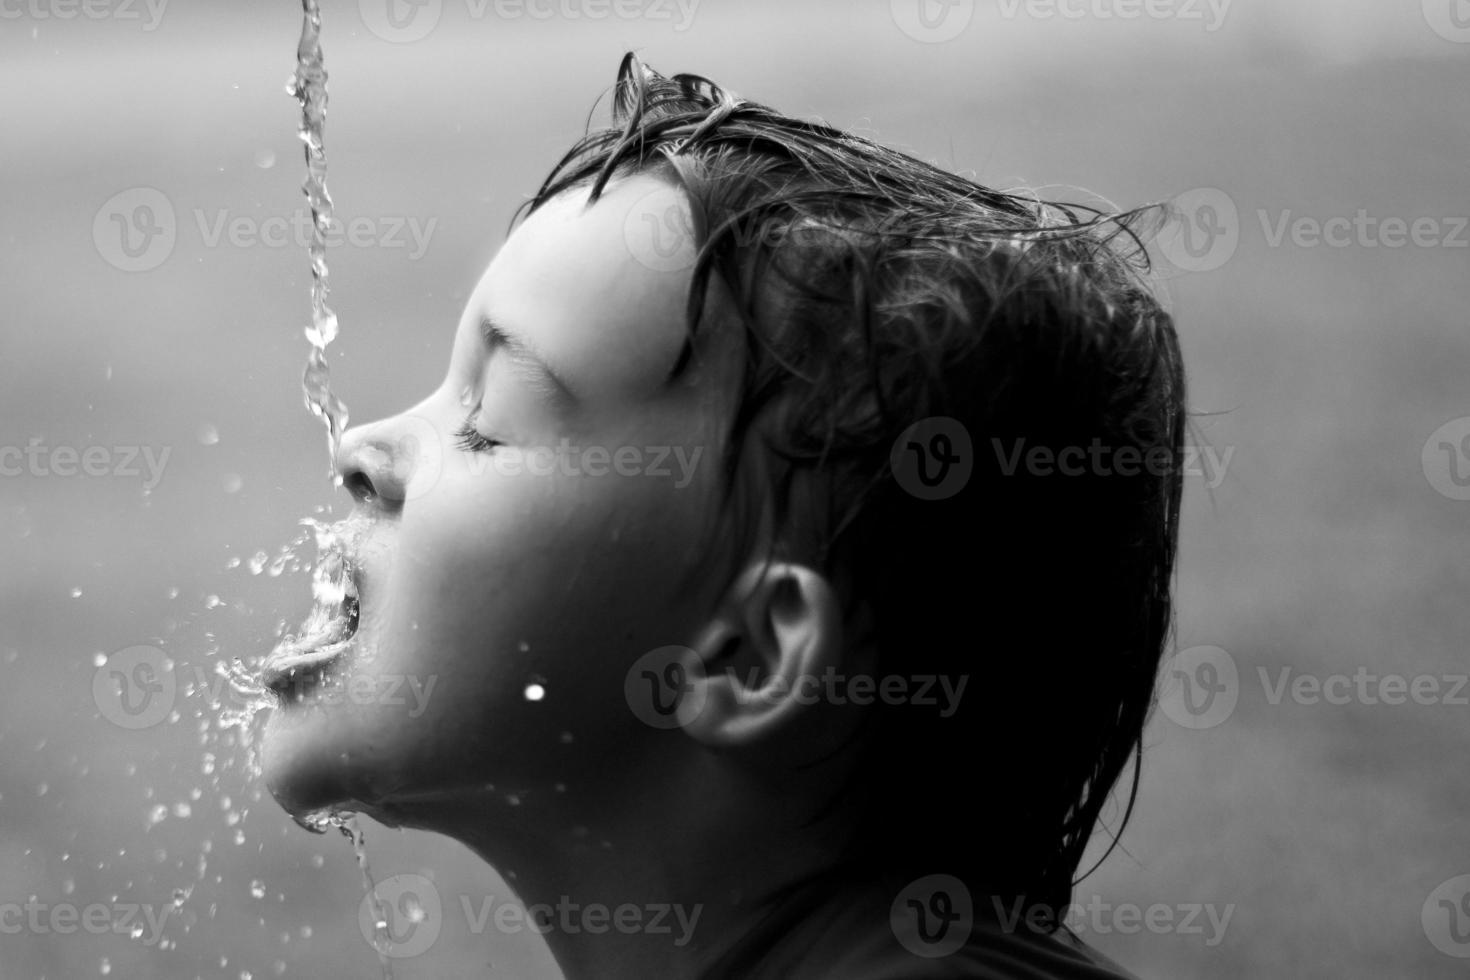 Wassertropfen spritzten auf das Gesicht des Jungen foto